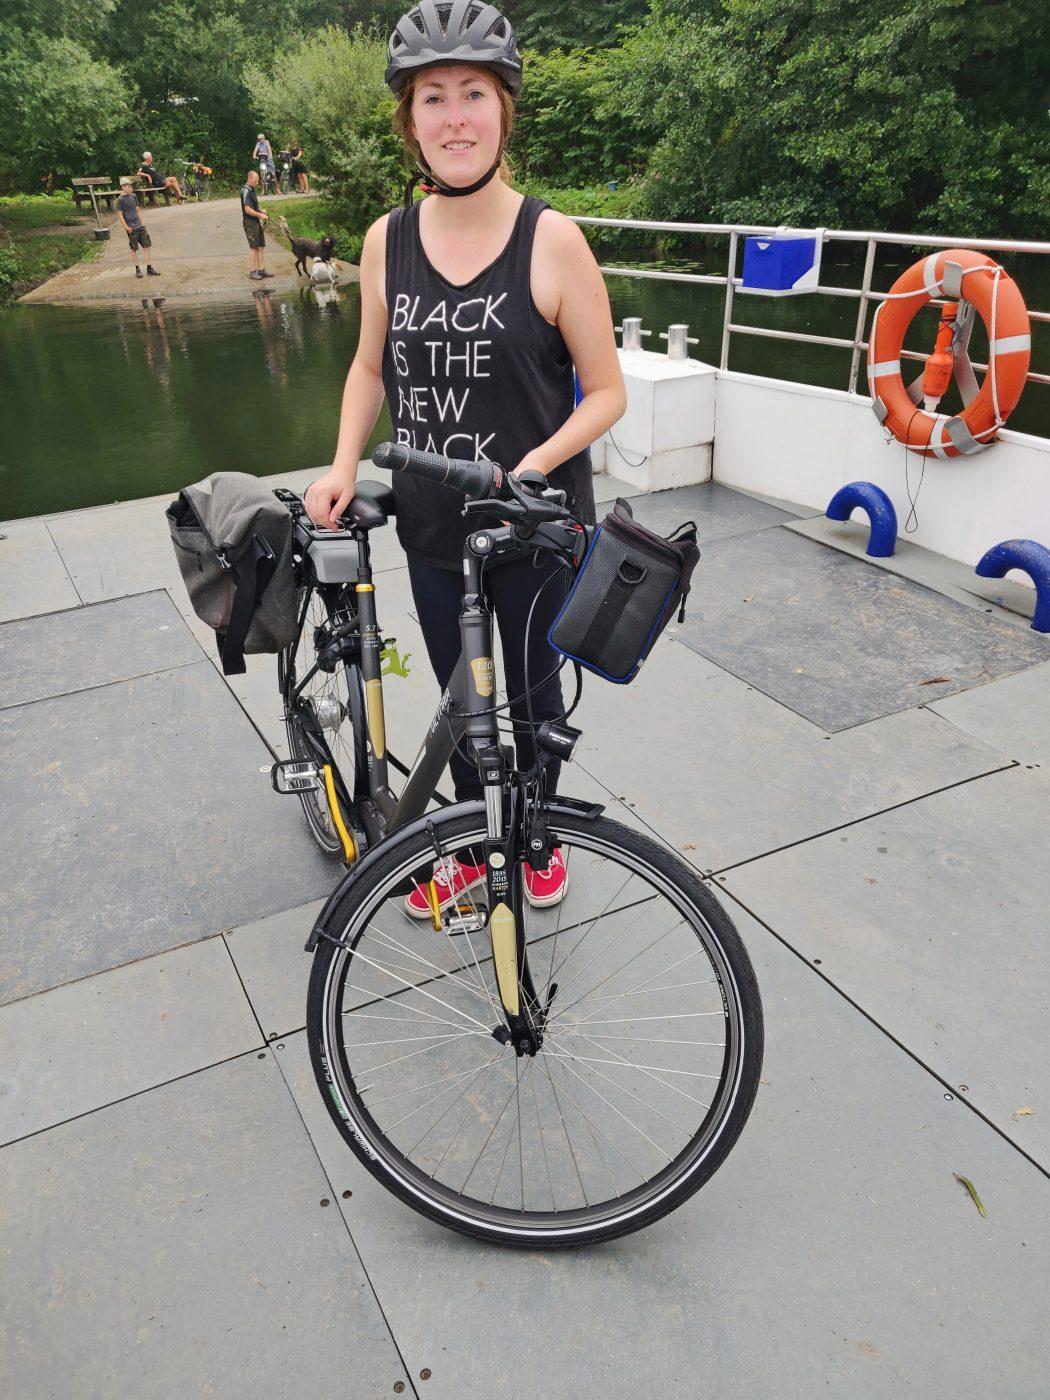 Das Bild zeigt eine Person mit Rad auf der RuhrtalFähre in Witten